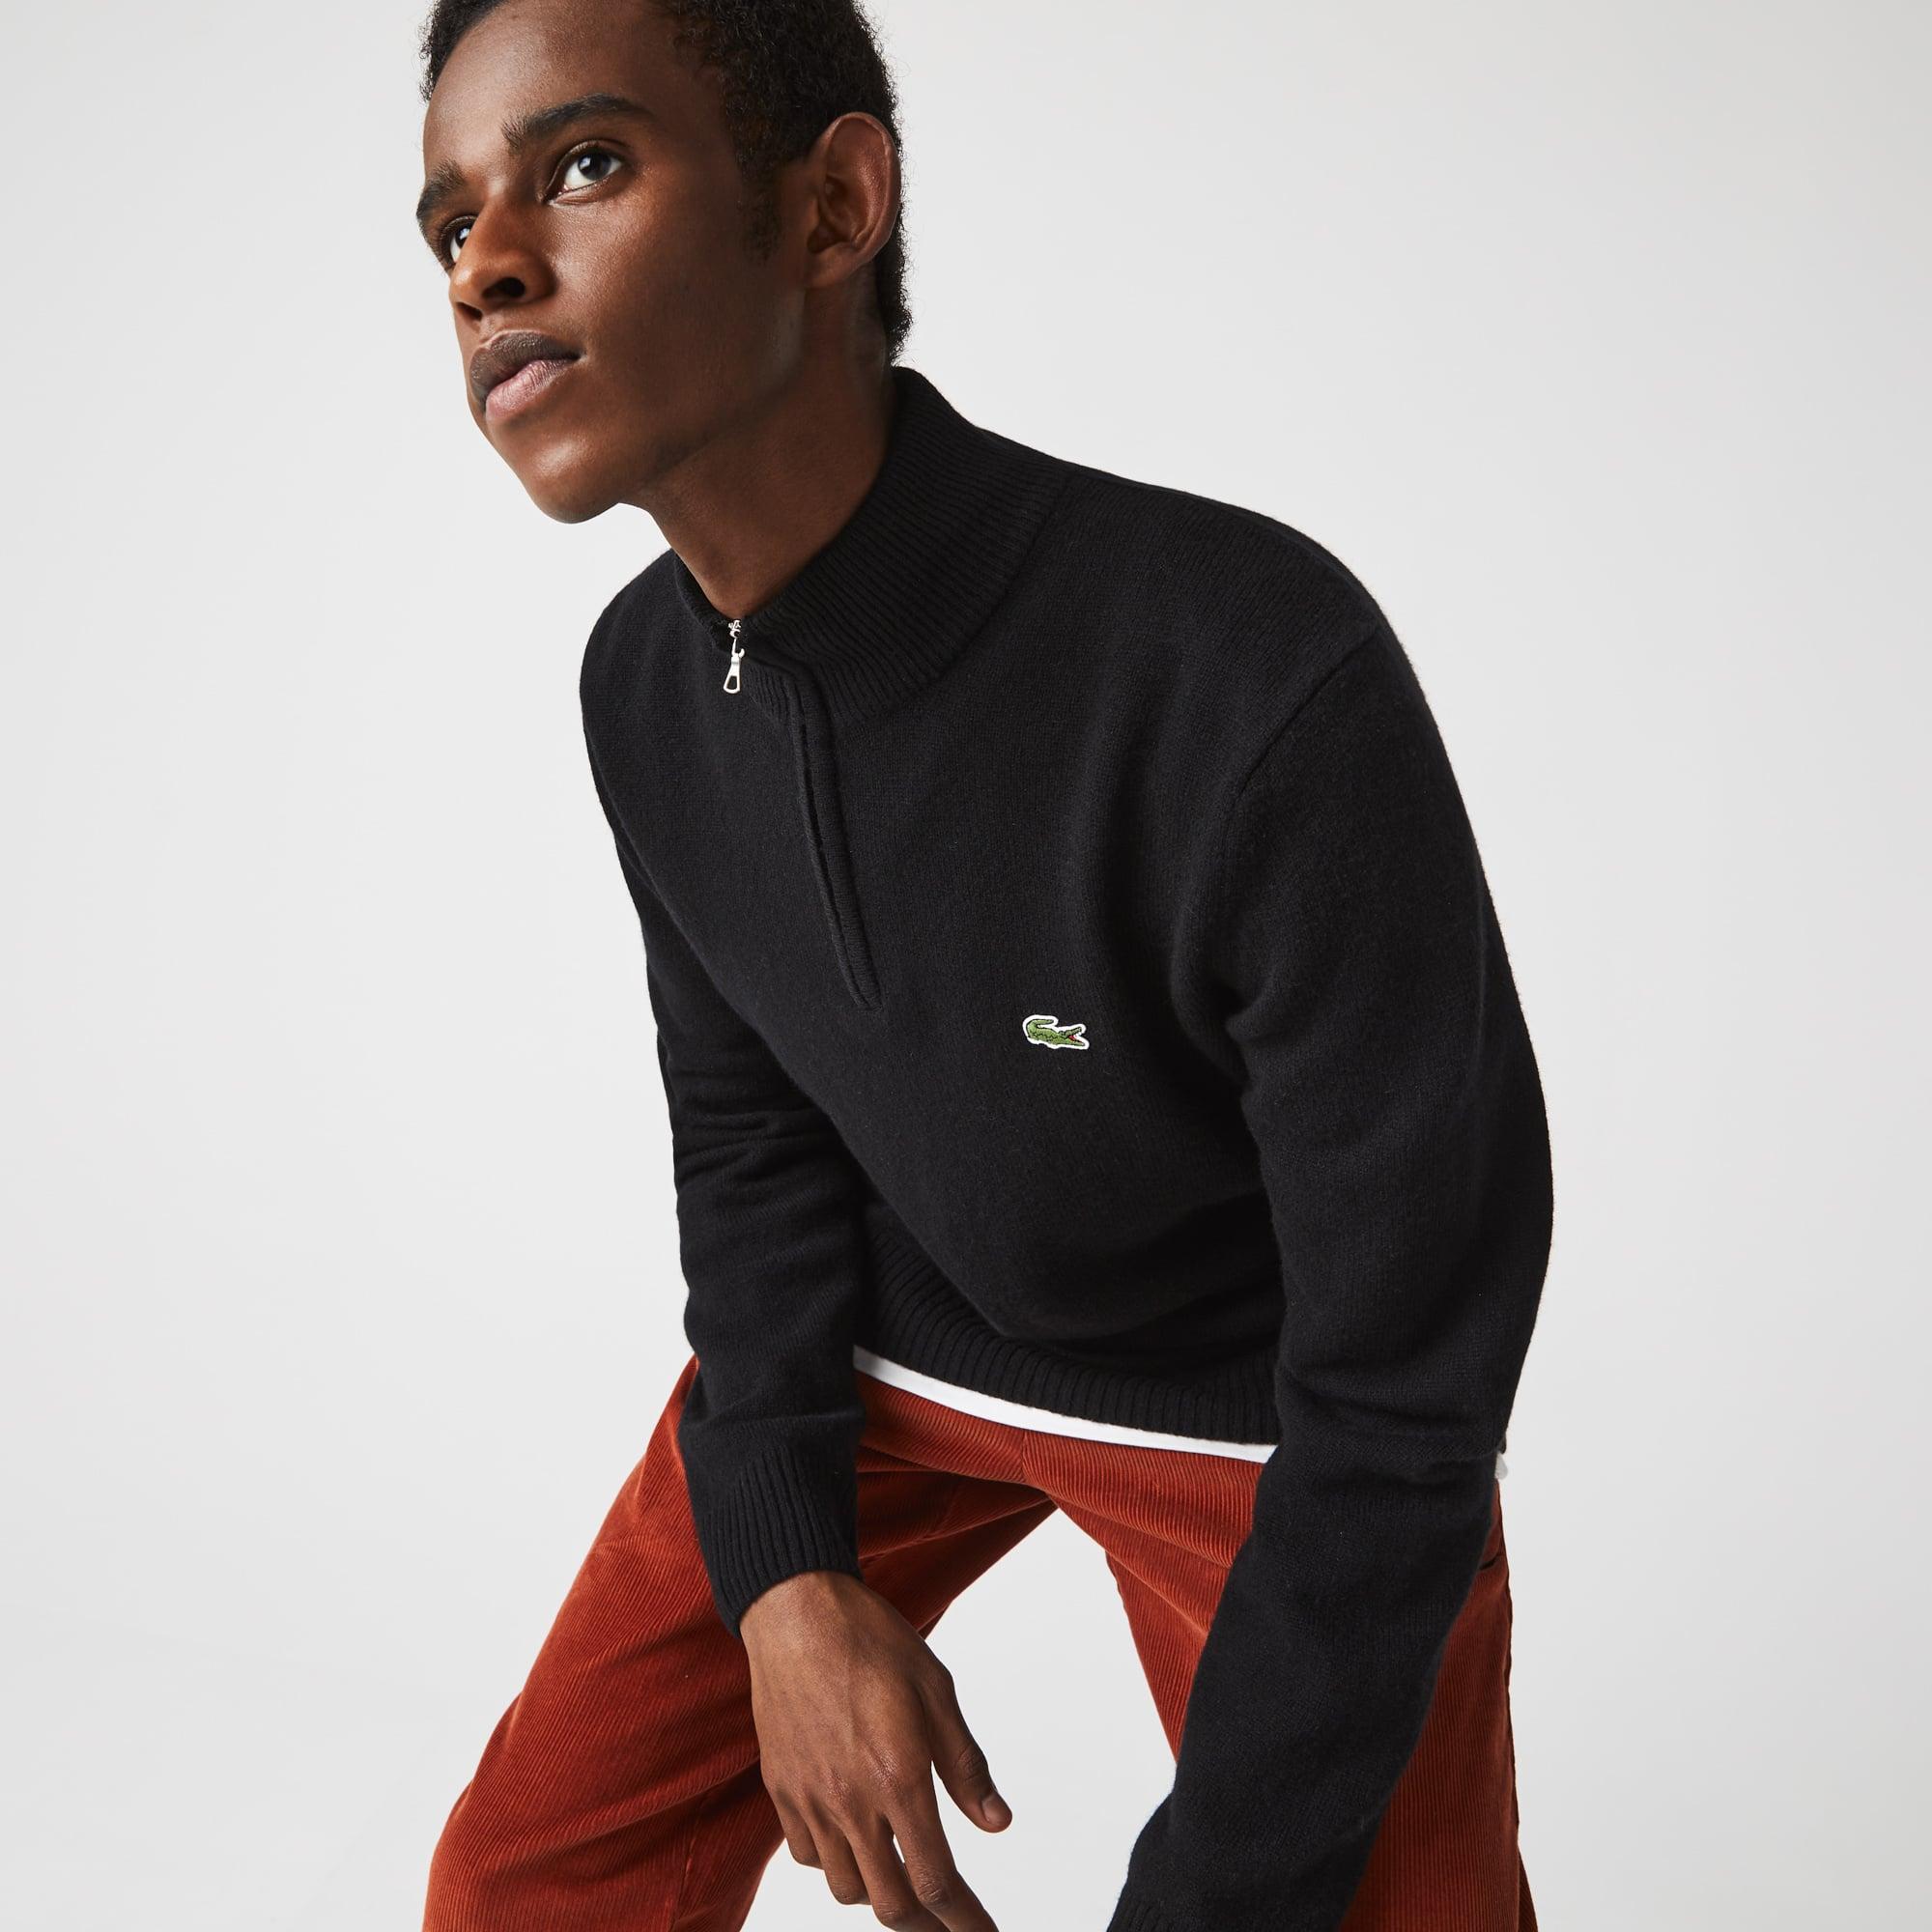 라코스테 맨 울 트러커 스웨터 Lacoste Men's Wool Trucker Sweater